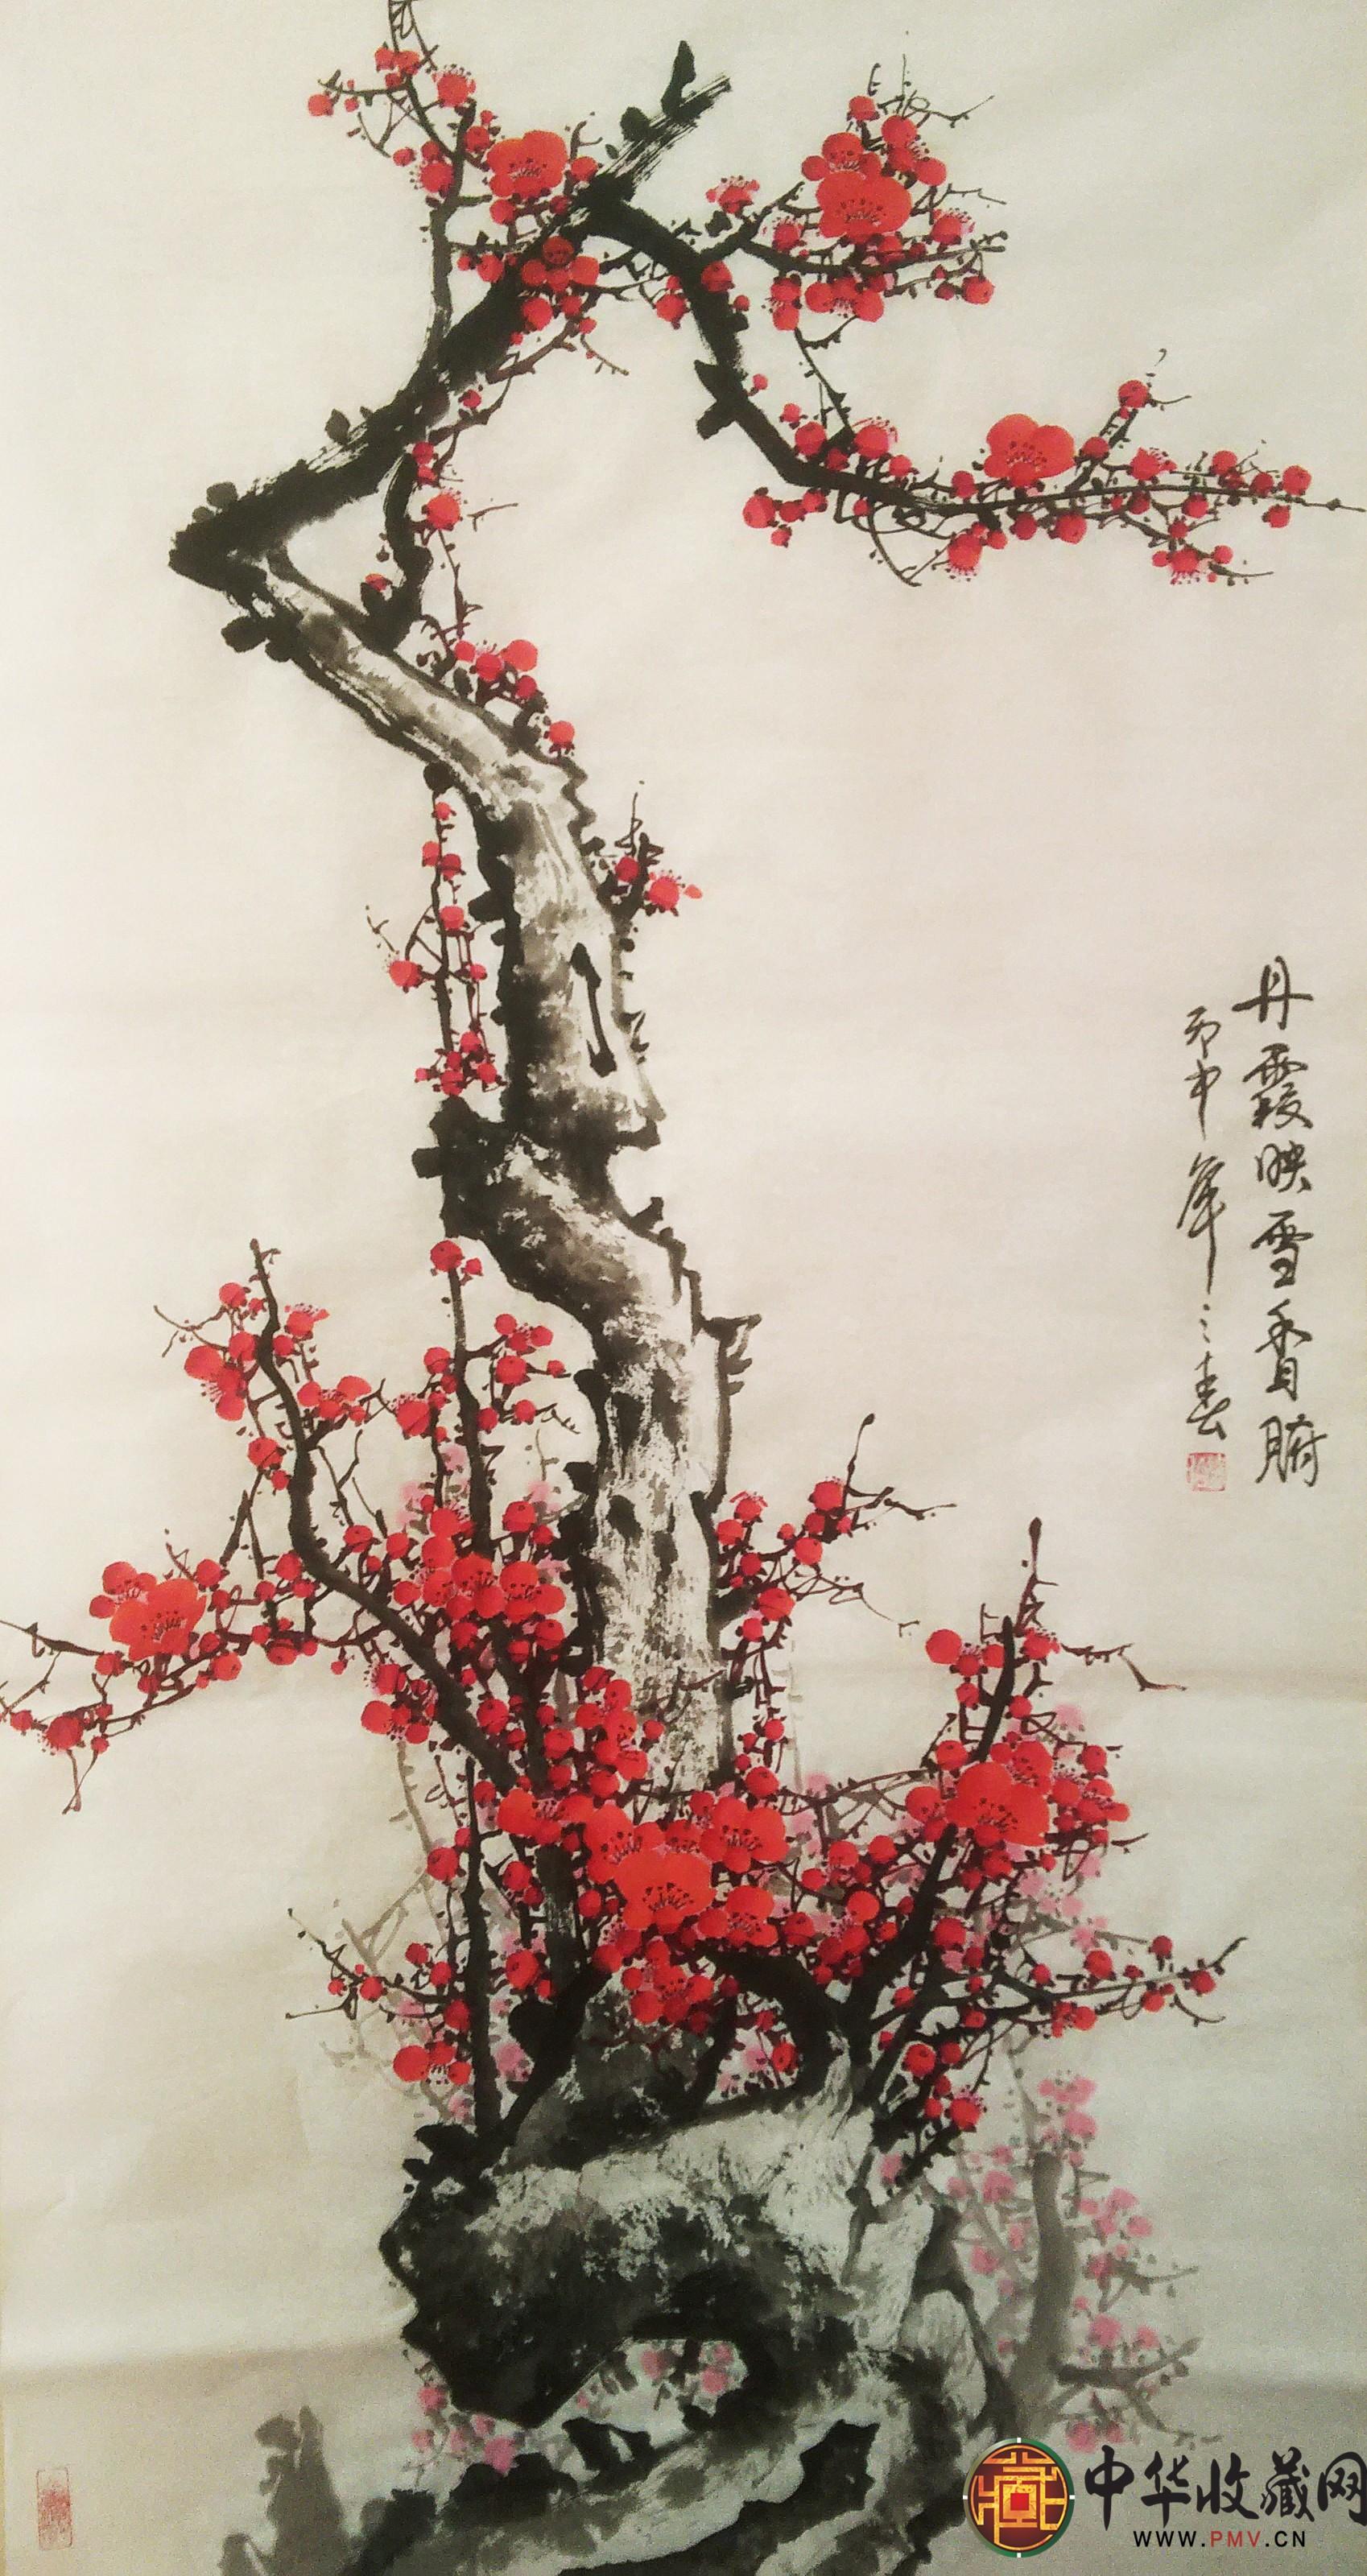 李森四尺竖幅国画作品《丹霞映雪香沁腑》